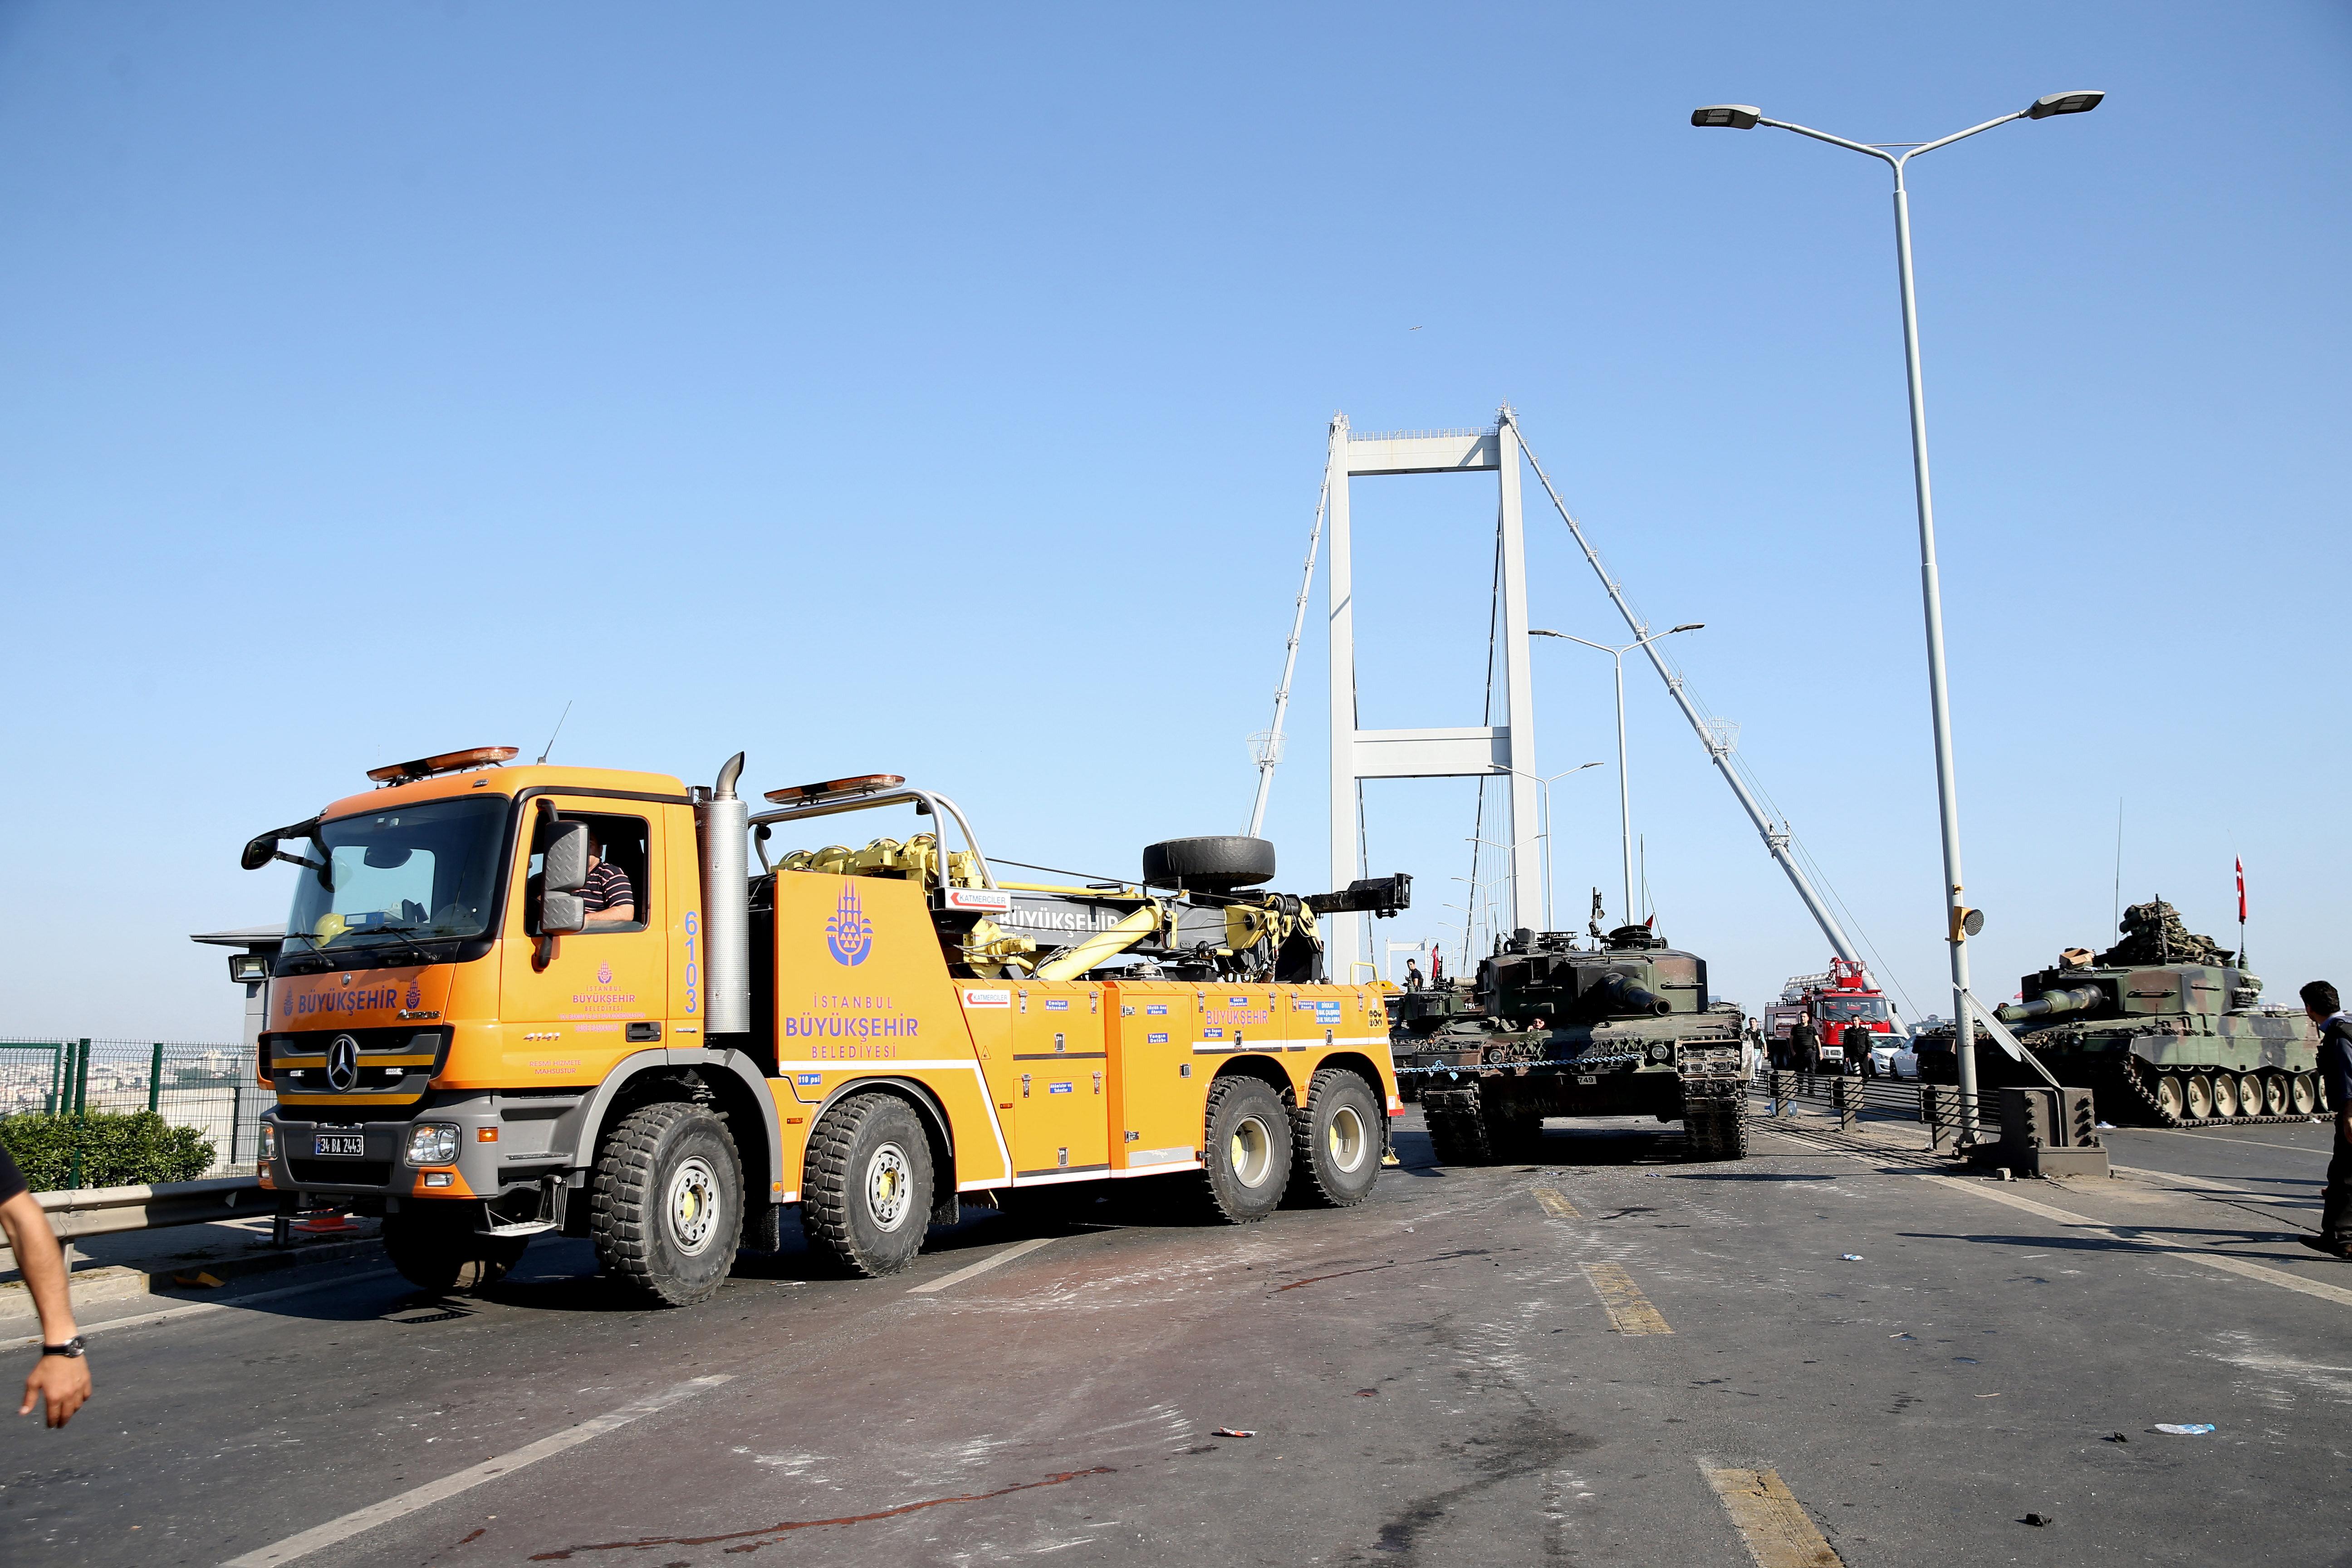 Fatih Sultan Mehmet ve Boğaziçi Köprüsü polislerin tankları çekmesinin ardından trafiğe açıldı.